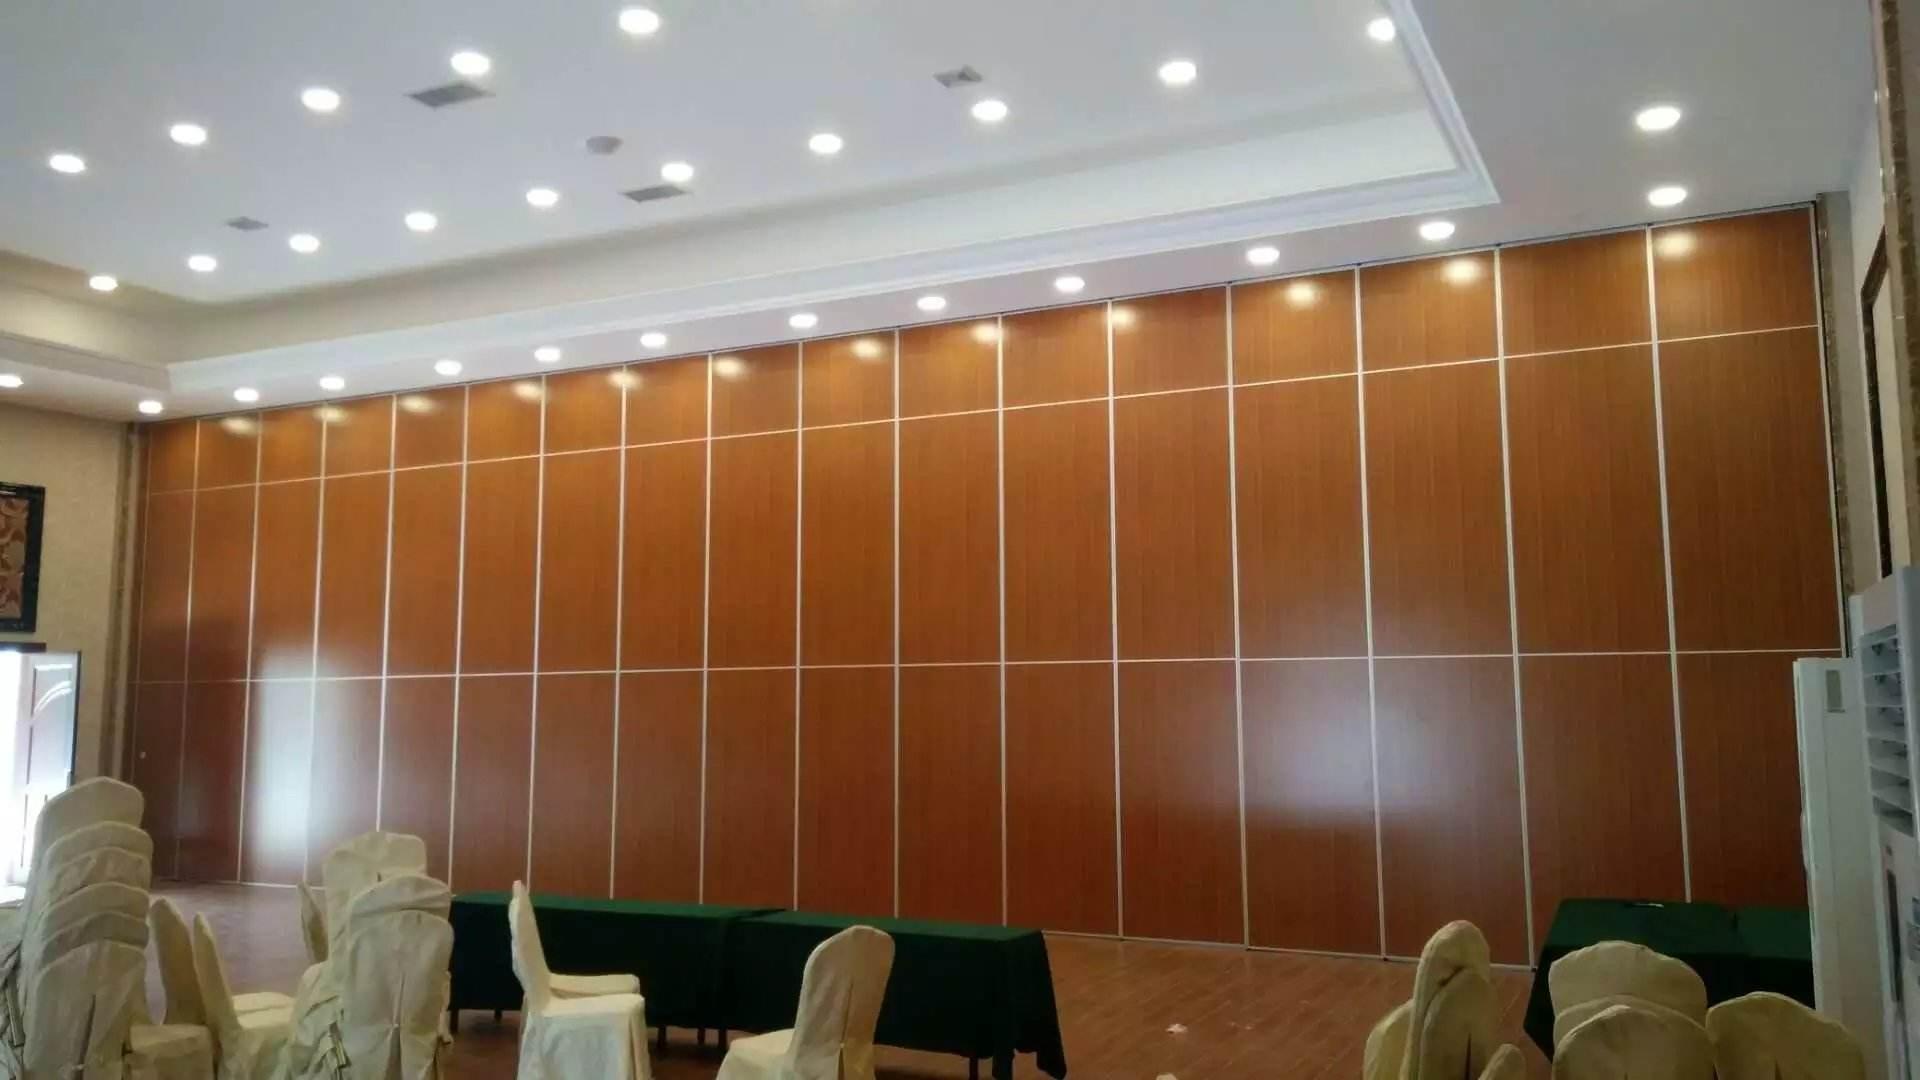 青岛活动隔音墙厂家 哪能买到厂家直销黄岛酒店饭店移动隔断墙呢